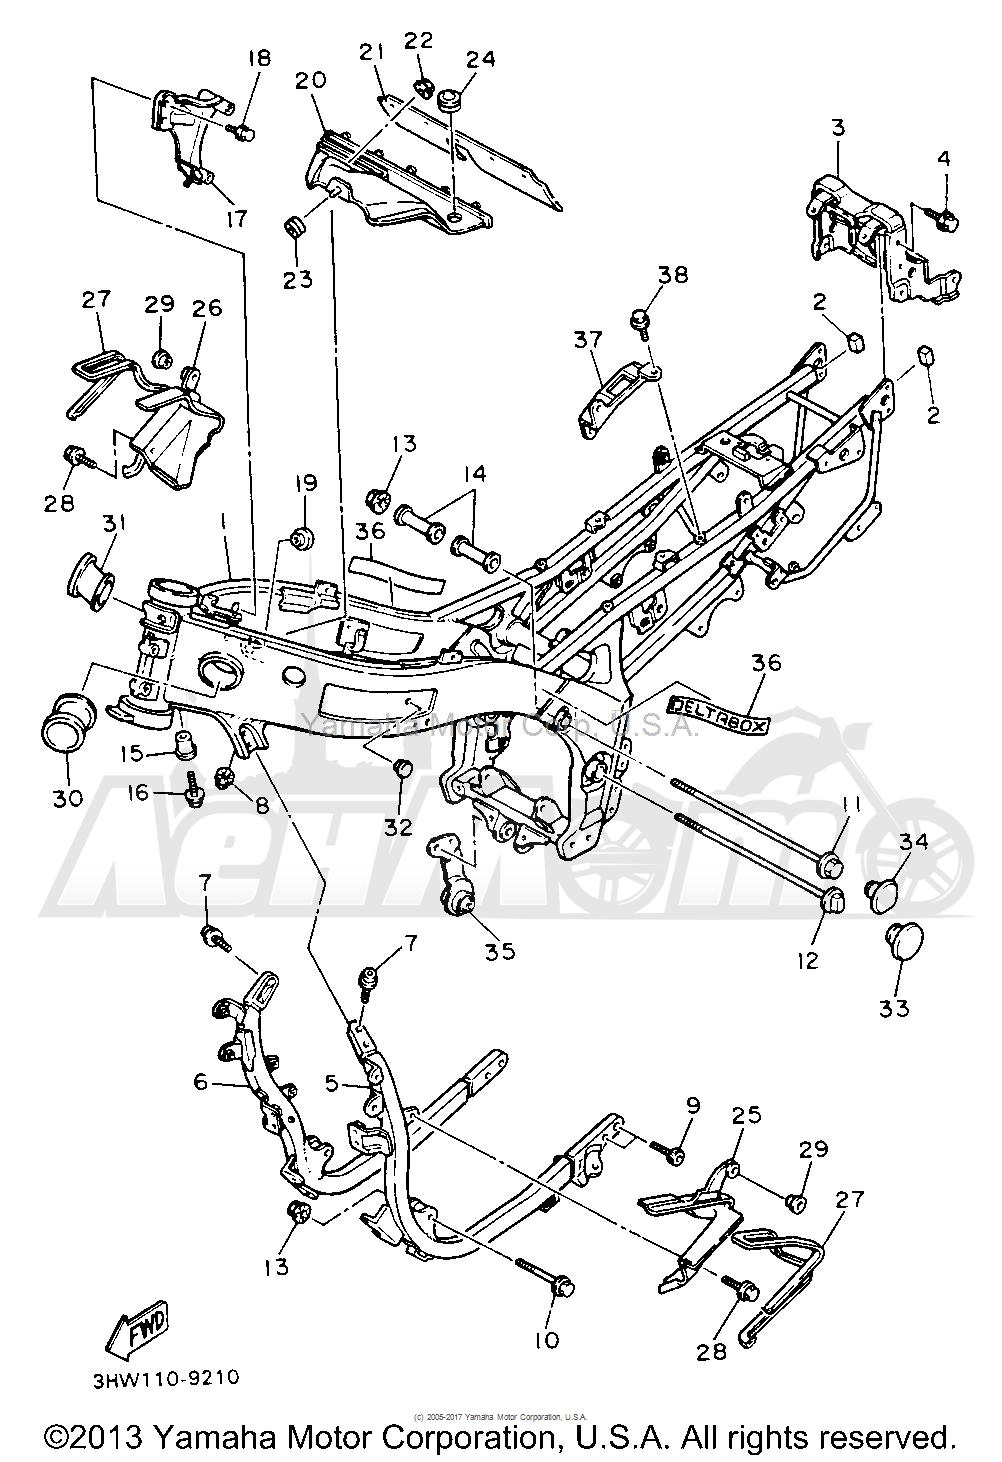 Запчасти для Мотоцикла Yamaha 1991 FZR600RBC Раздел: FRAME | рама